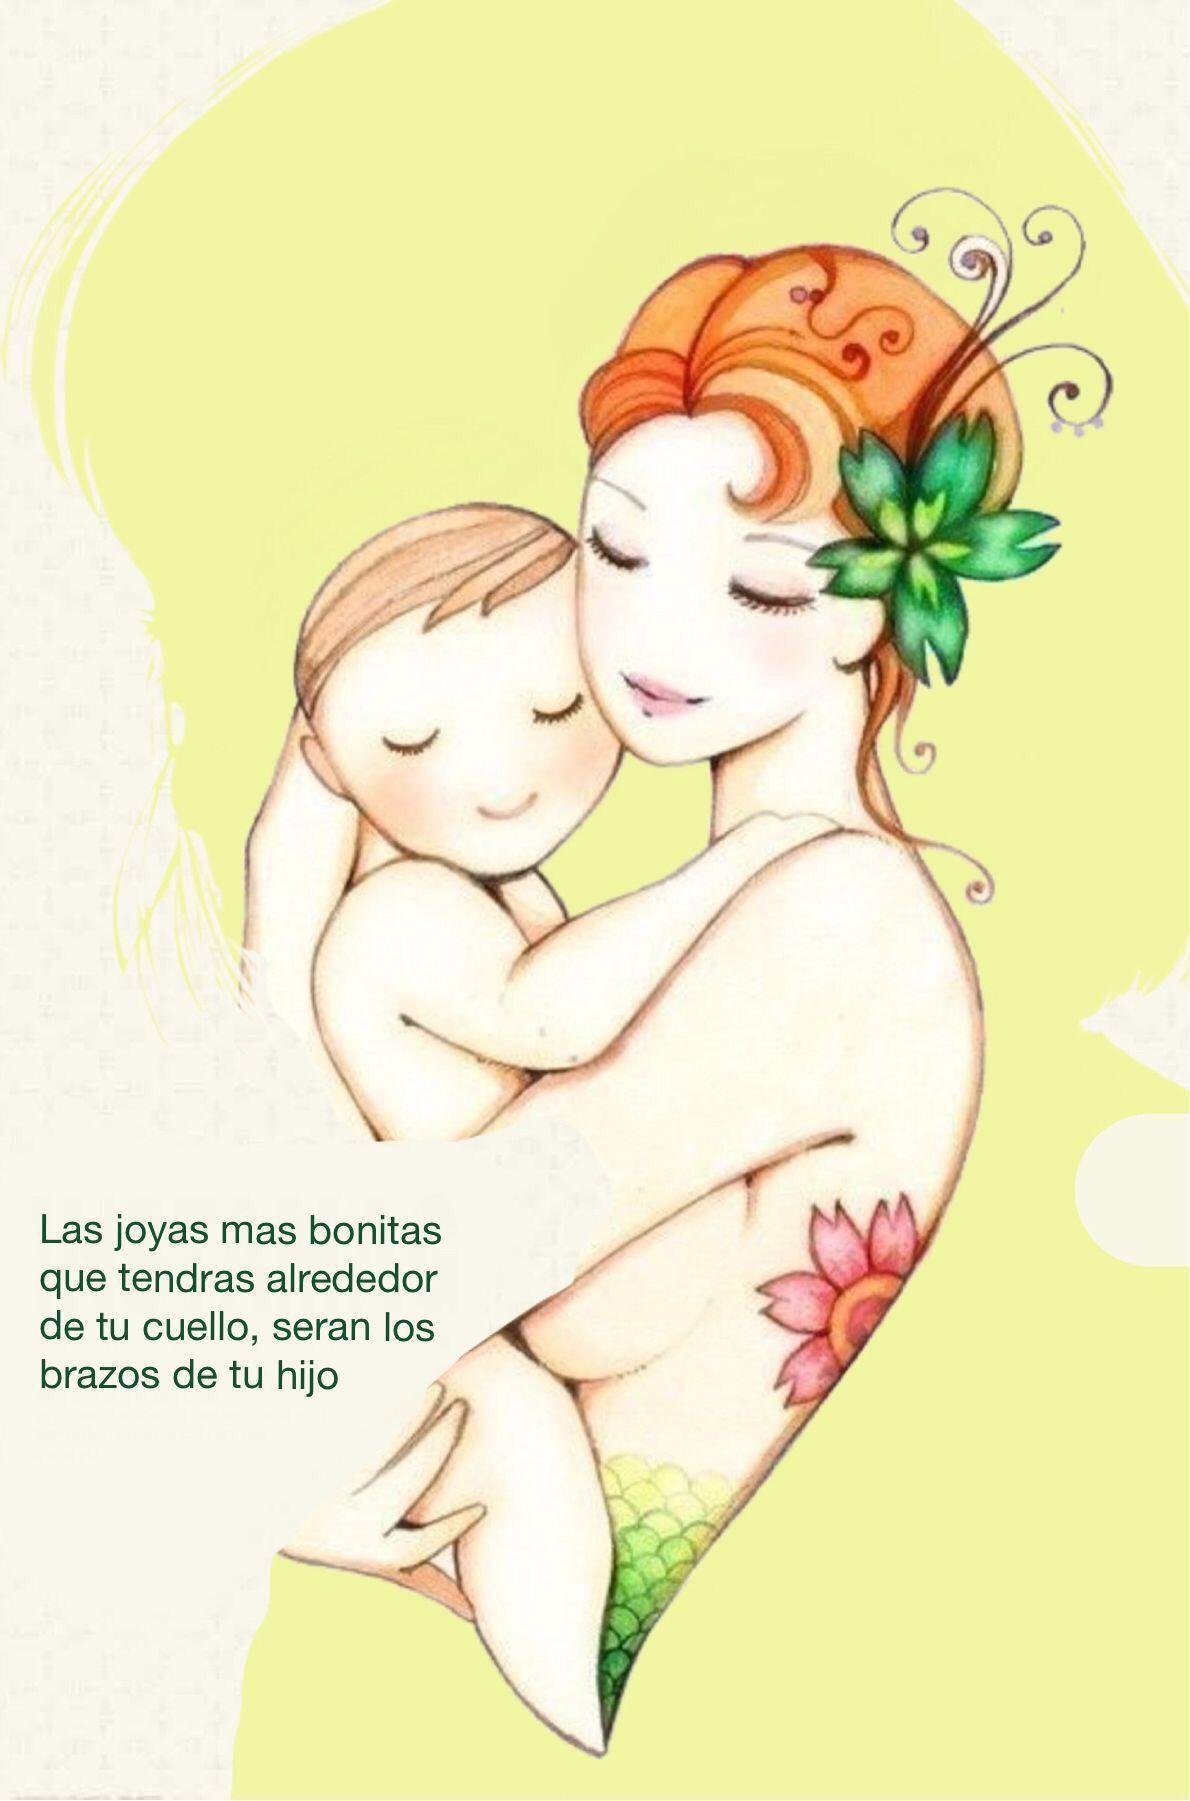 188 10 De Mayo Dia De Las Madres Tatuajes De Sirenas Bebe Sirena Arte Infantil